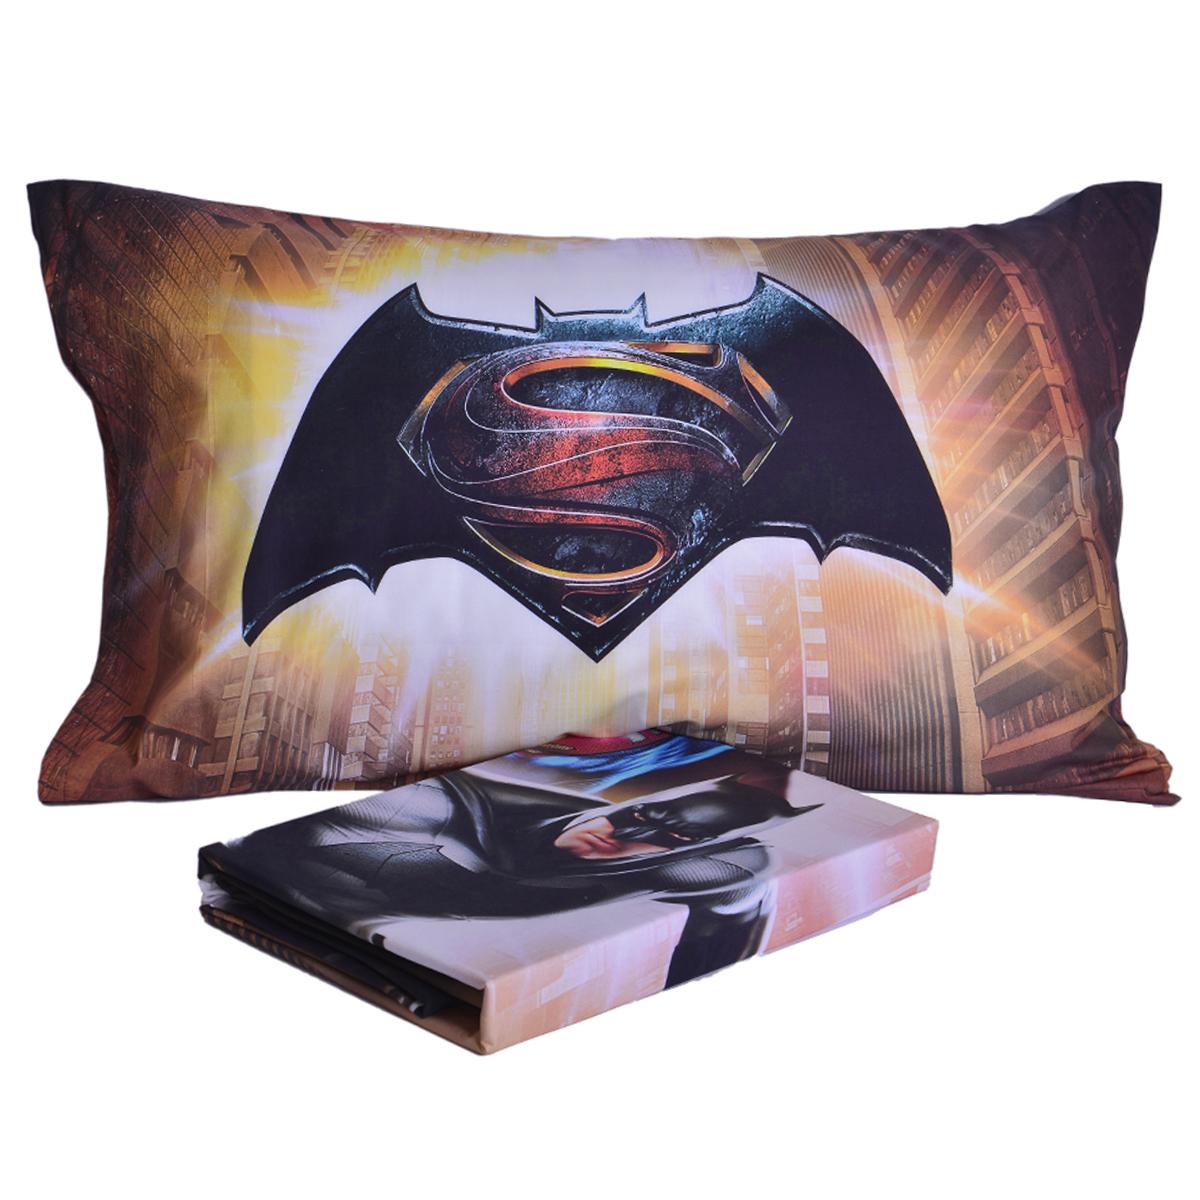 Copripiumino Superman.Bettwasche Completo Letto Superman Copripiumino Lenzuola Federa